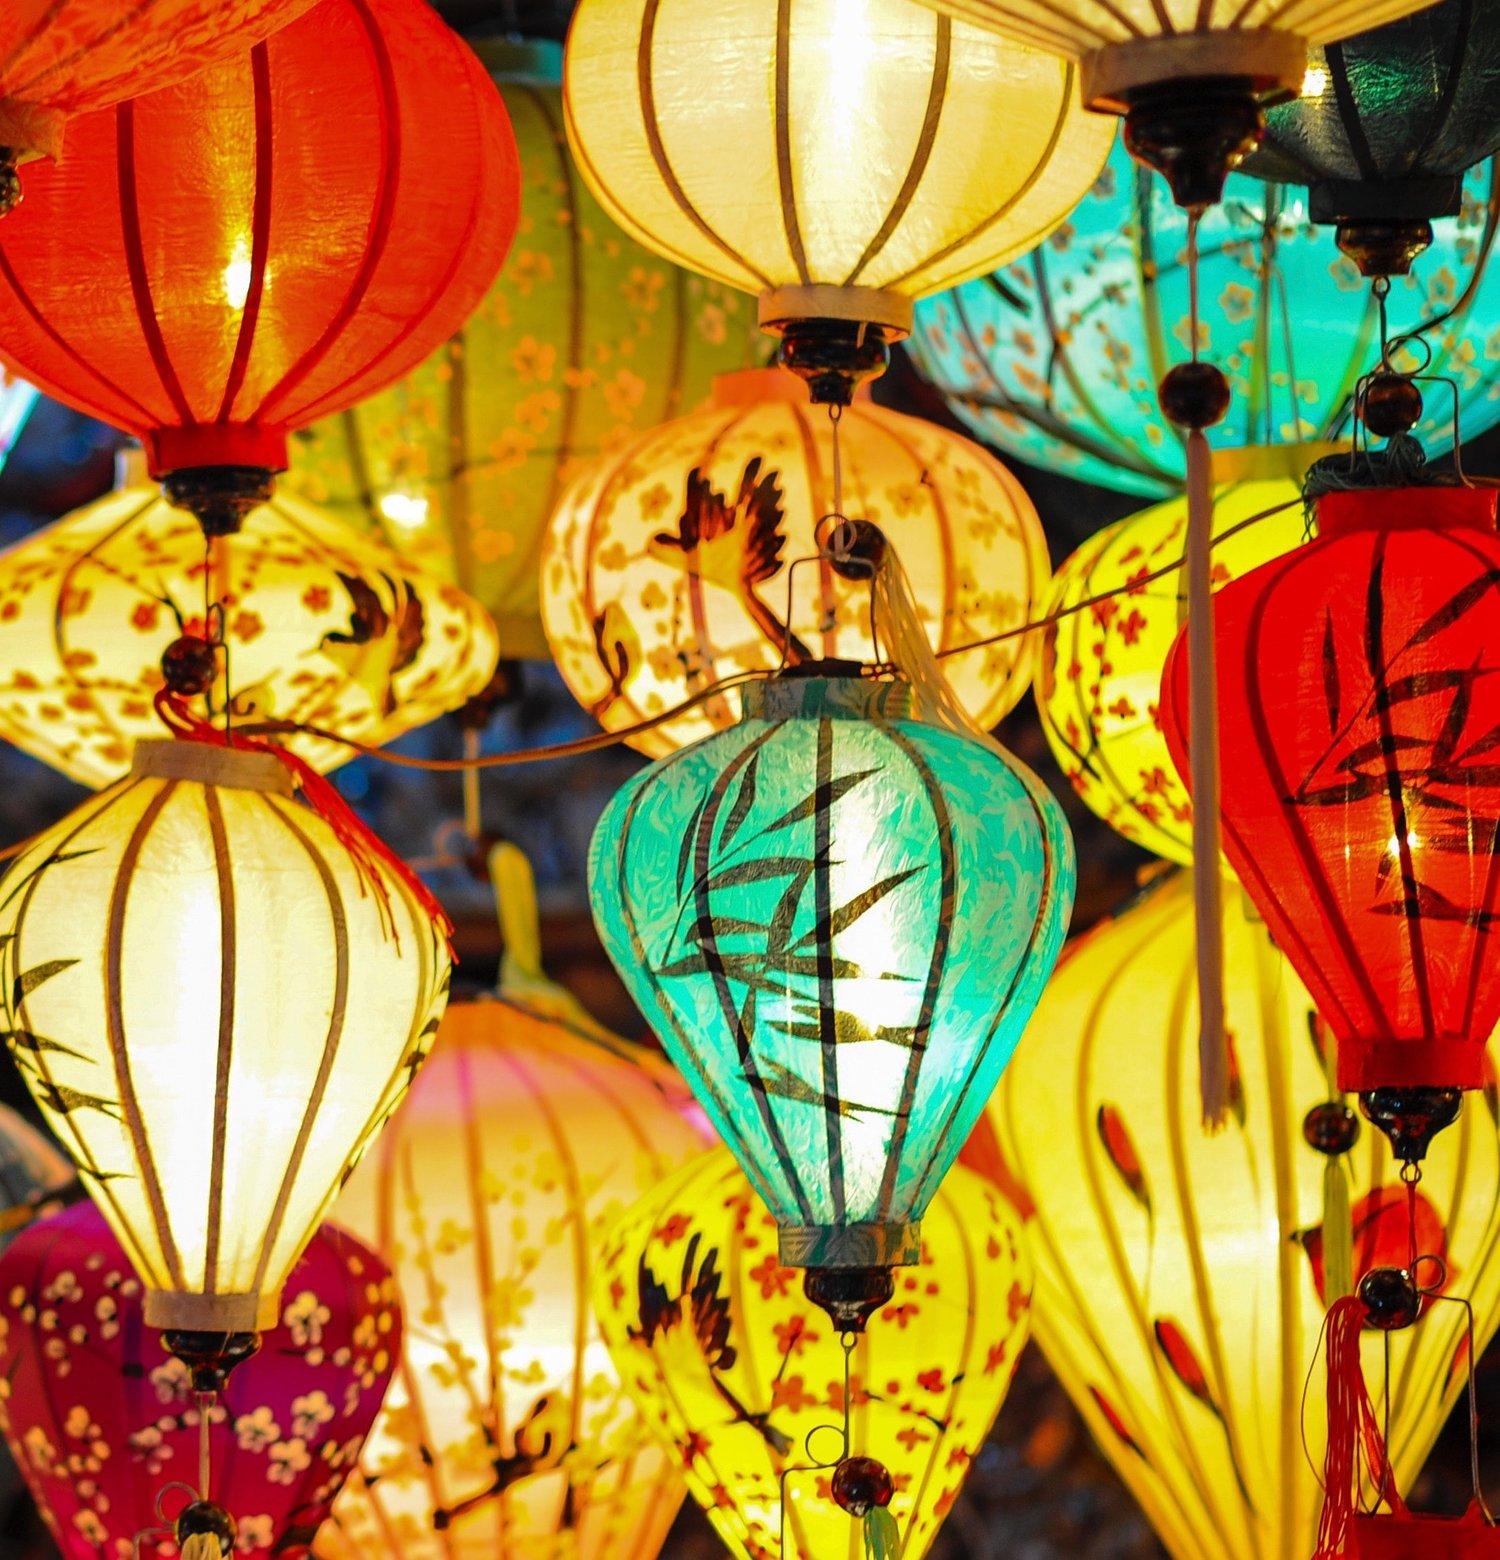 Lanterns by Min An